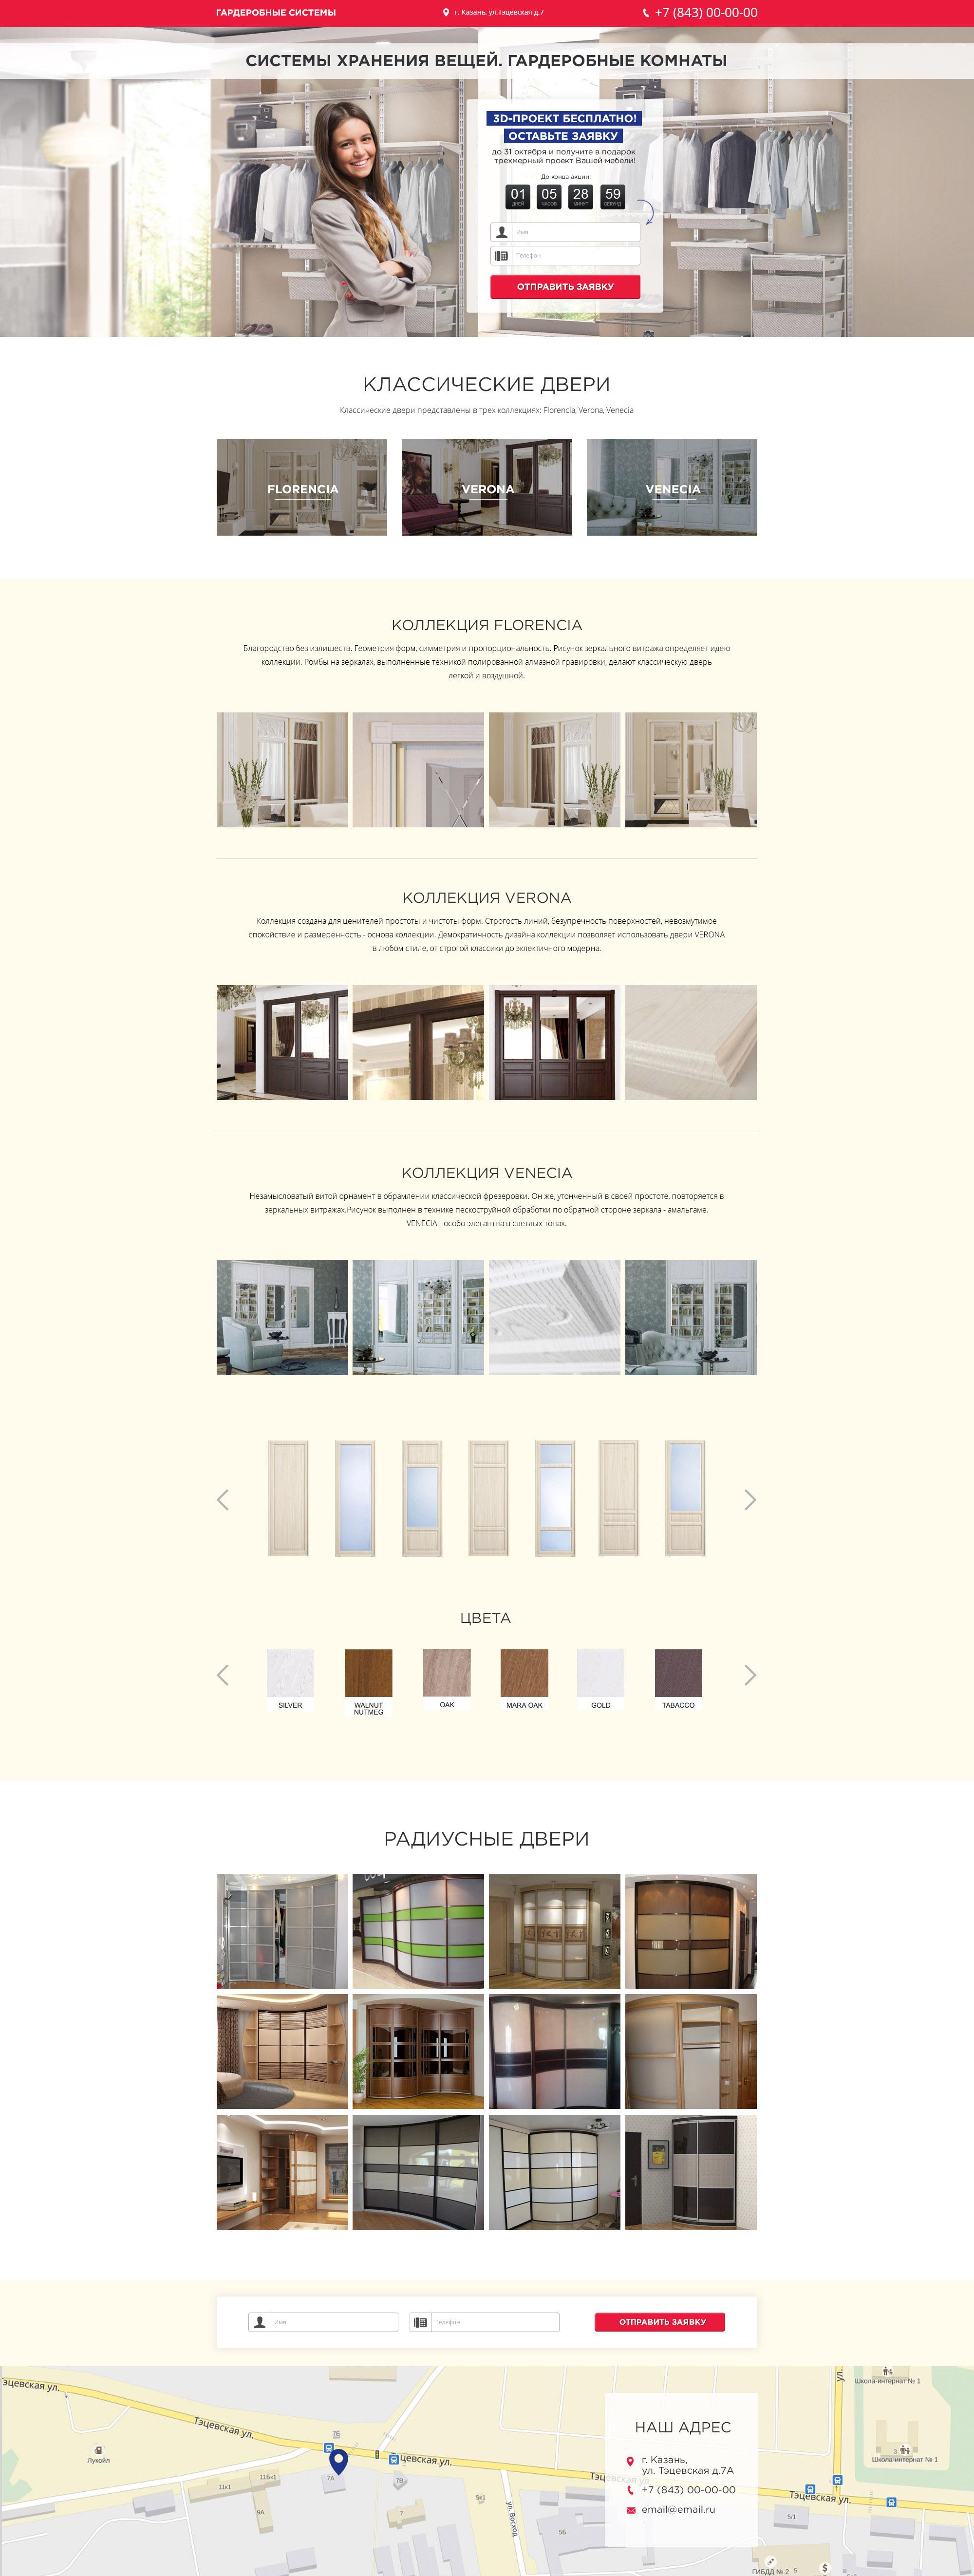 Разработка дизайна сайта для гардеробных систем